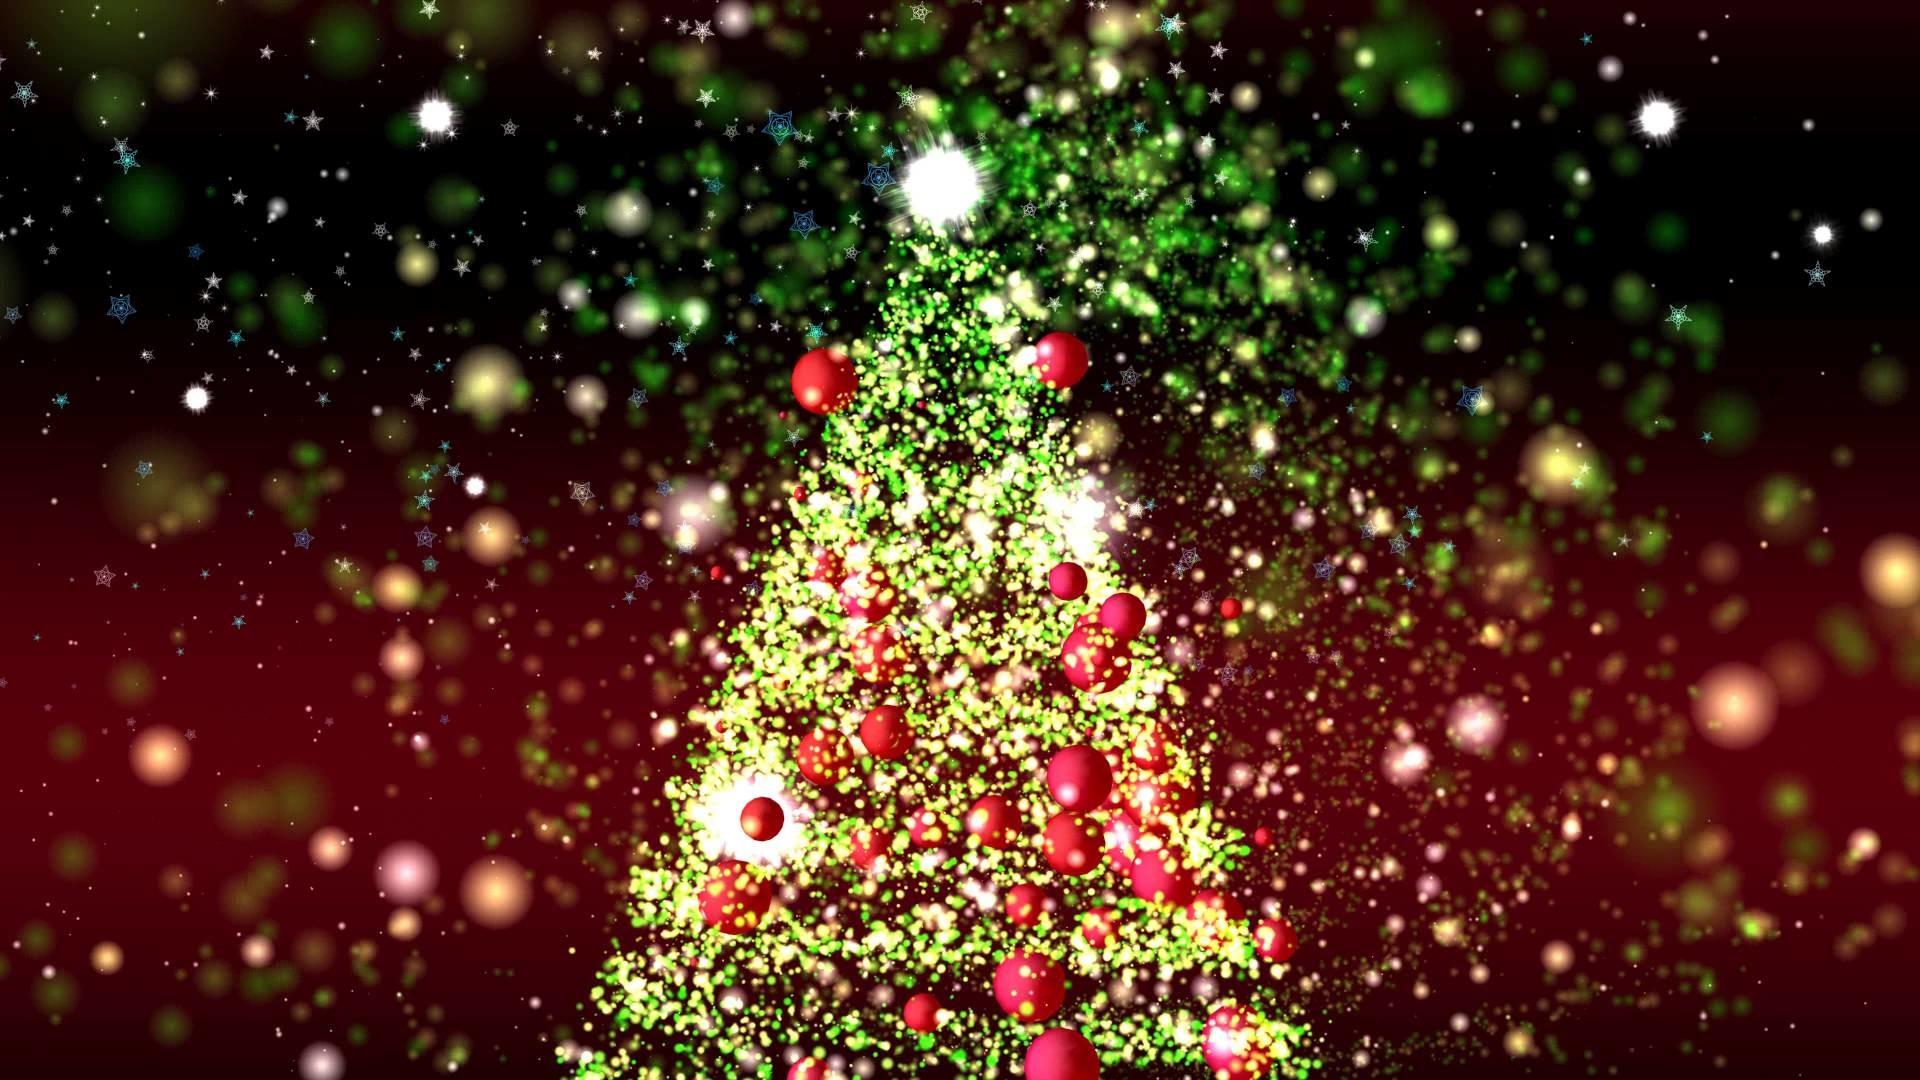 Arreglos De La Navidad Ultra Hd Wallpapers Fondos De: Ultra HD Christmas Wallpapers (39+ Images